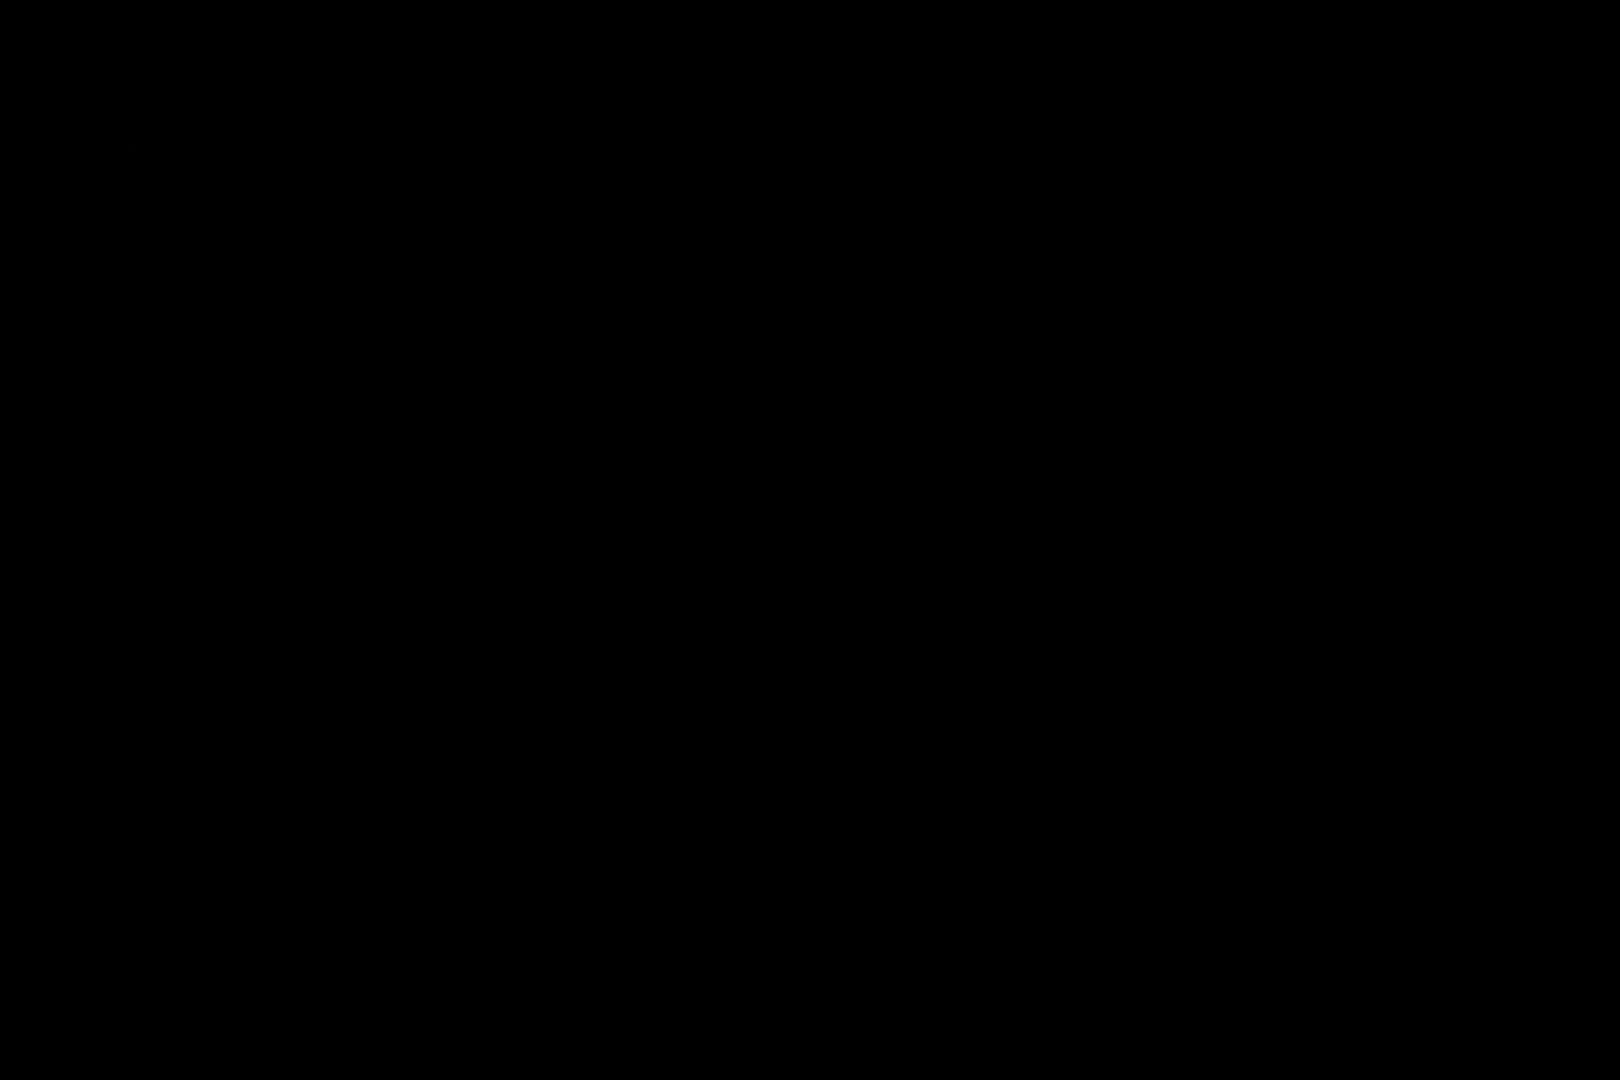 関西発!タツヤのDV直撮り大追跡!!! Vol.05 追跡   0  77画像 39